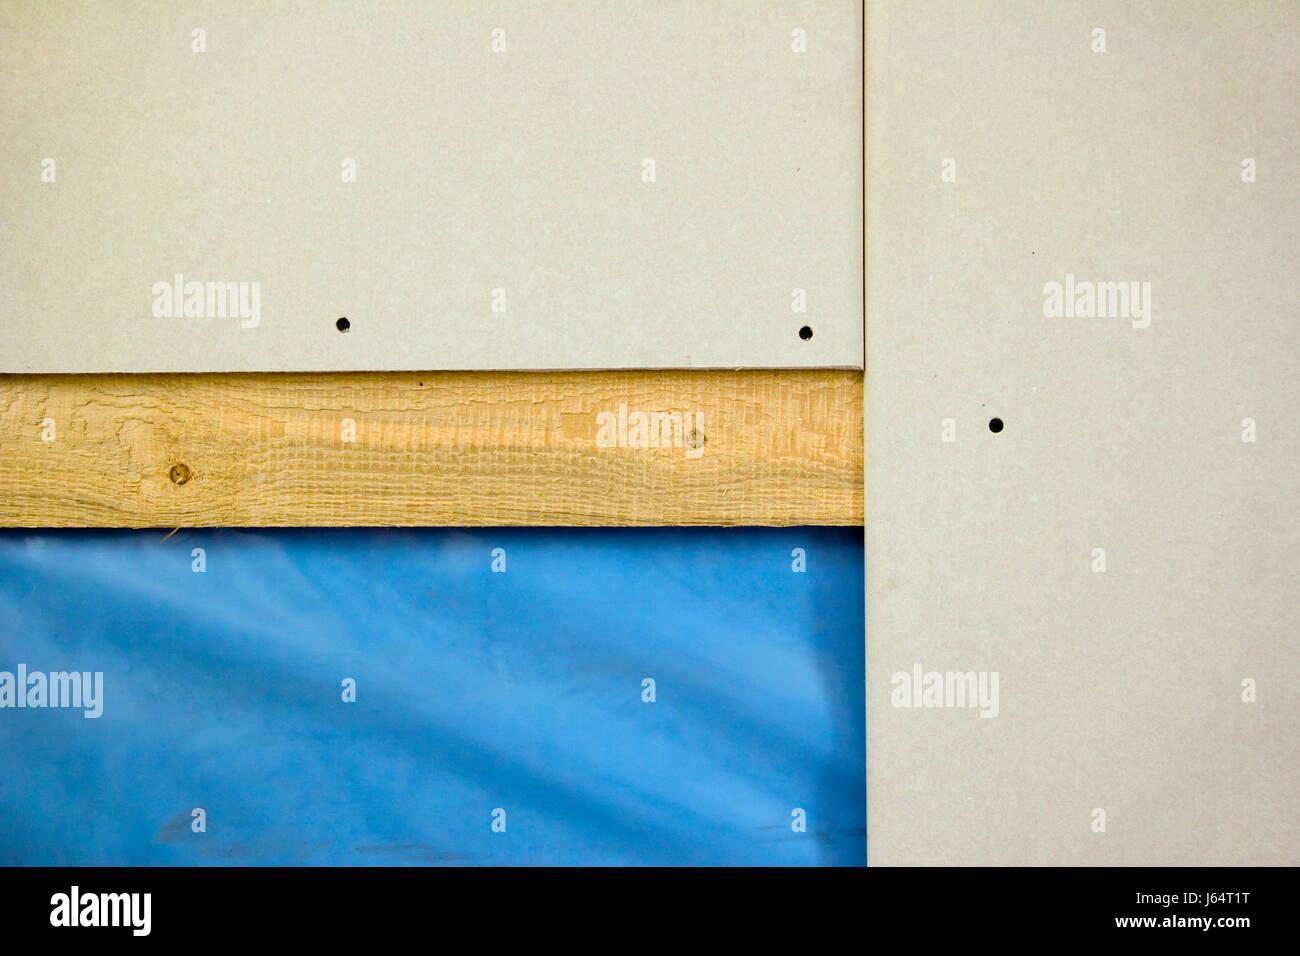 rigipswand stock photos & rigipswand stock images - alamy